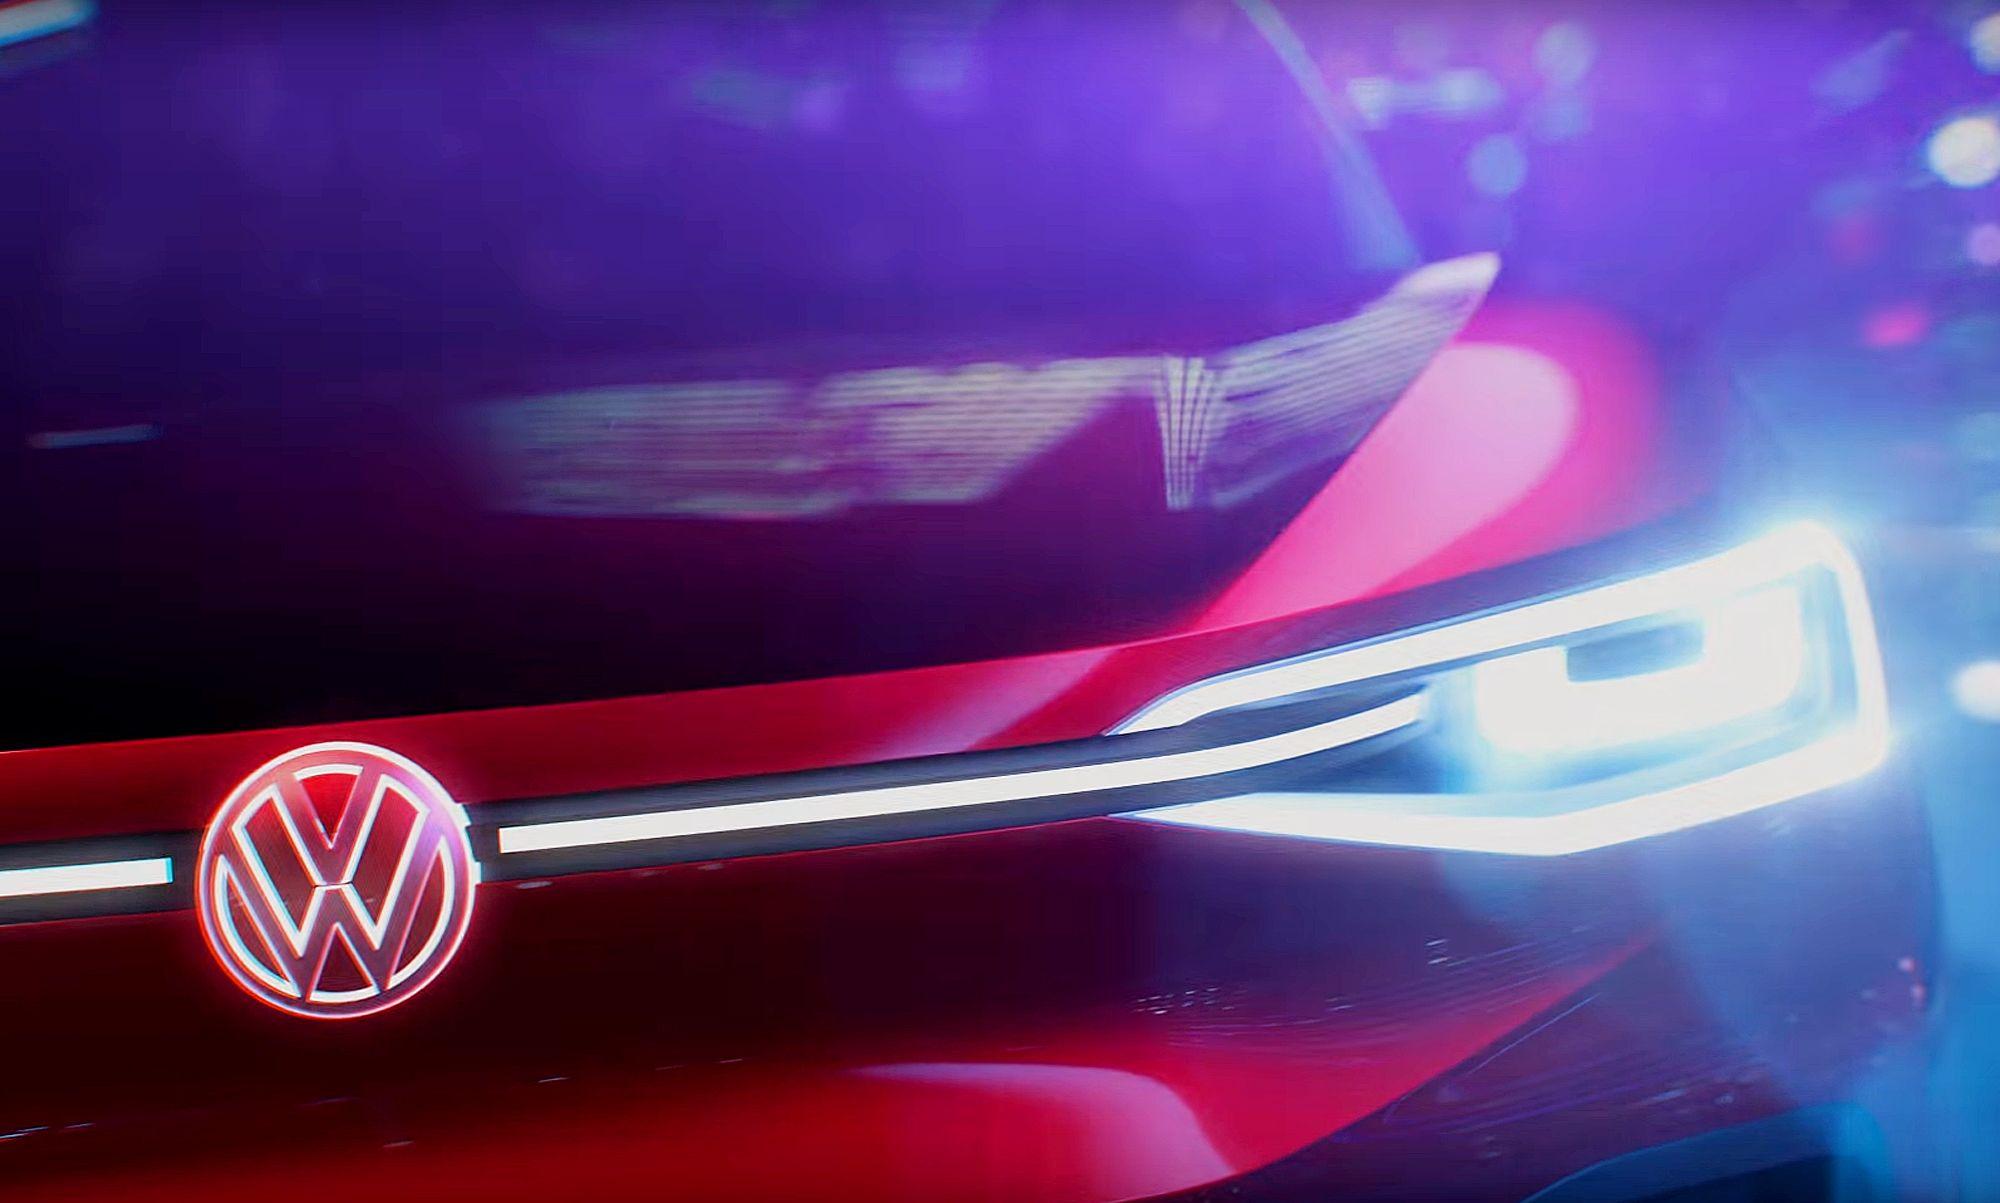 Vw Id 4 2020 Preis Marktstart Leak Autozeitung De Neue Autos Volkswagen Autozeitung